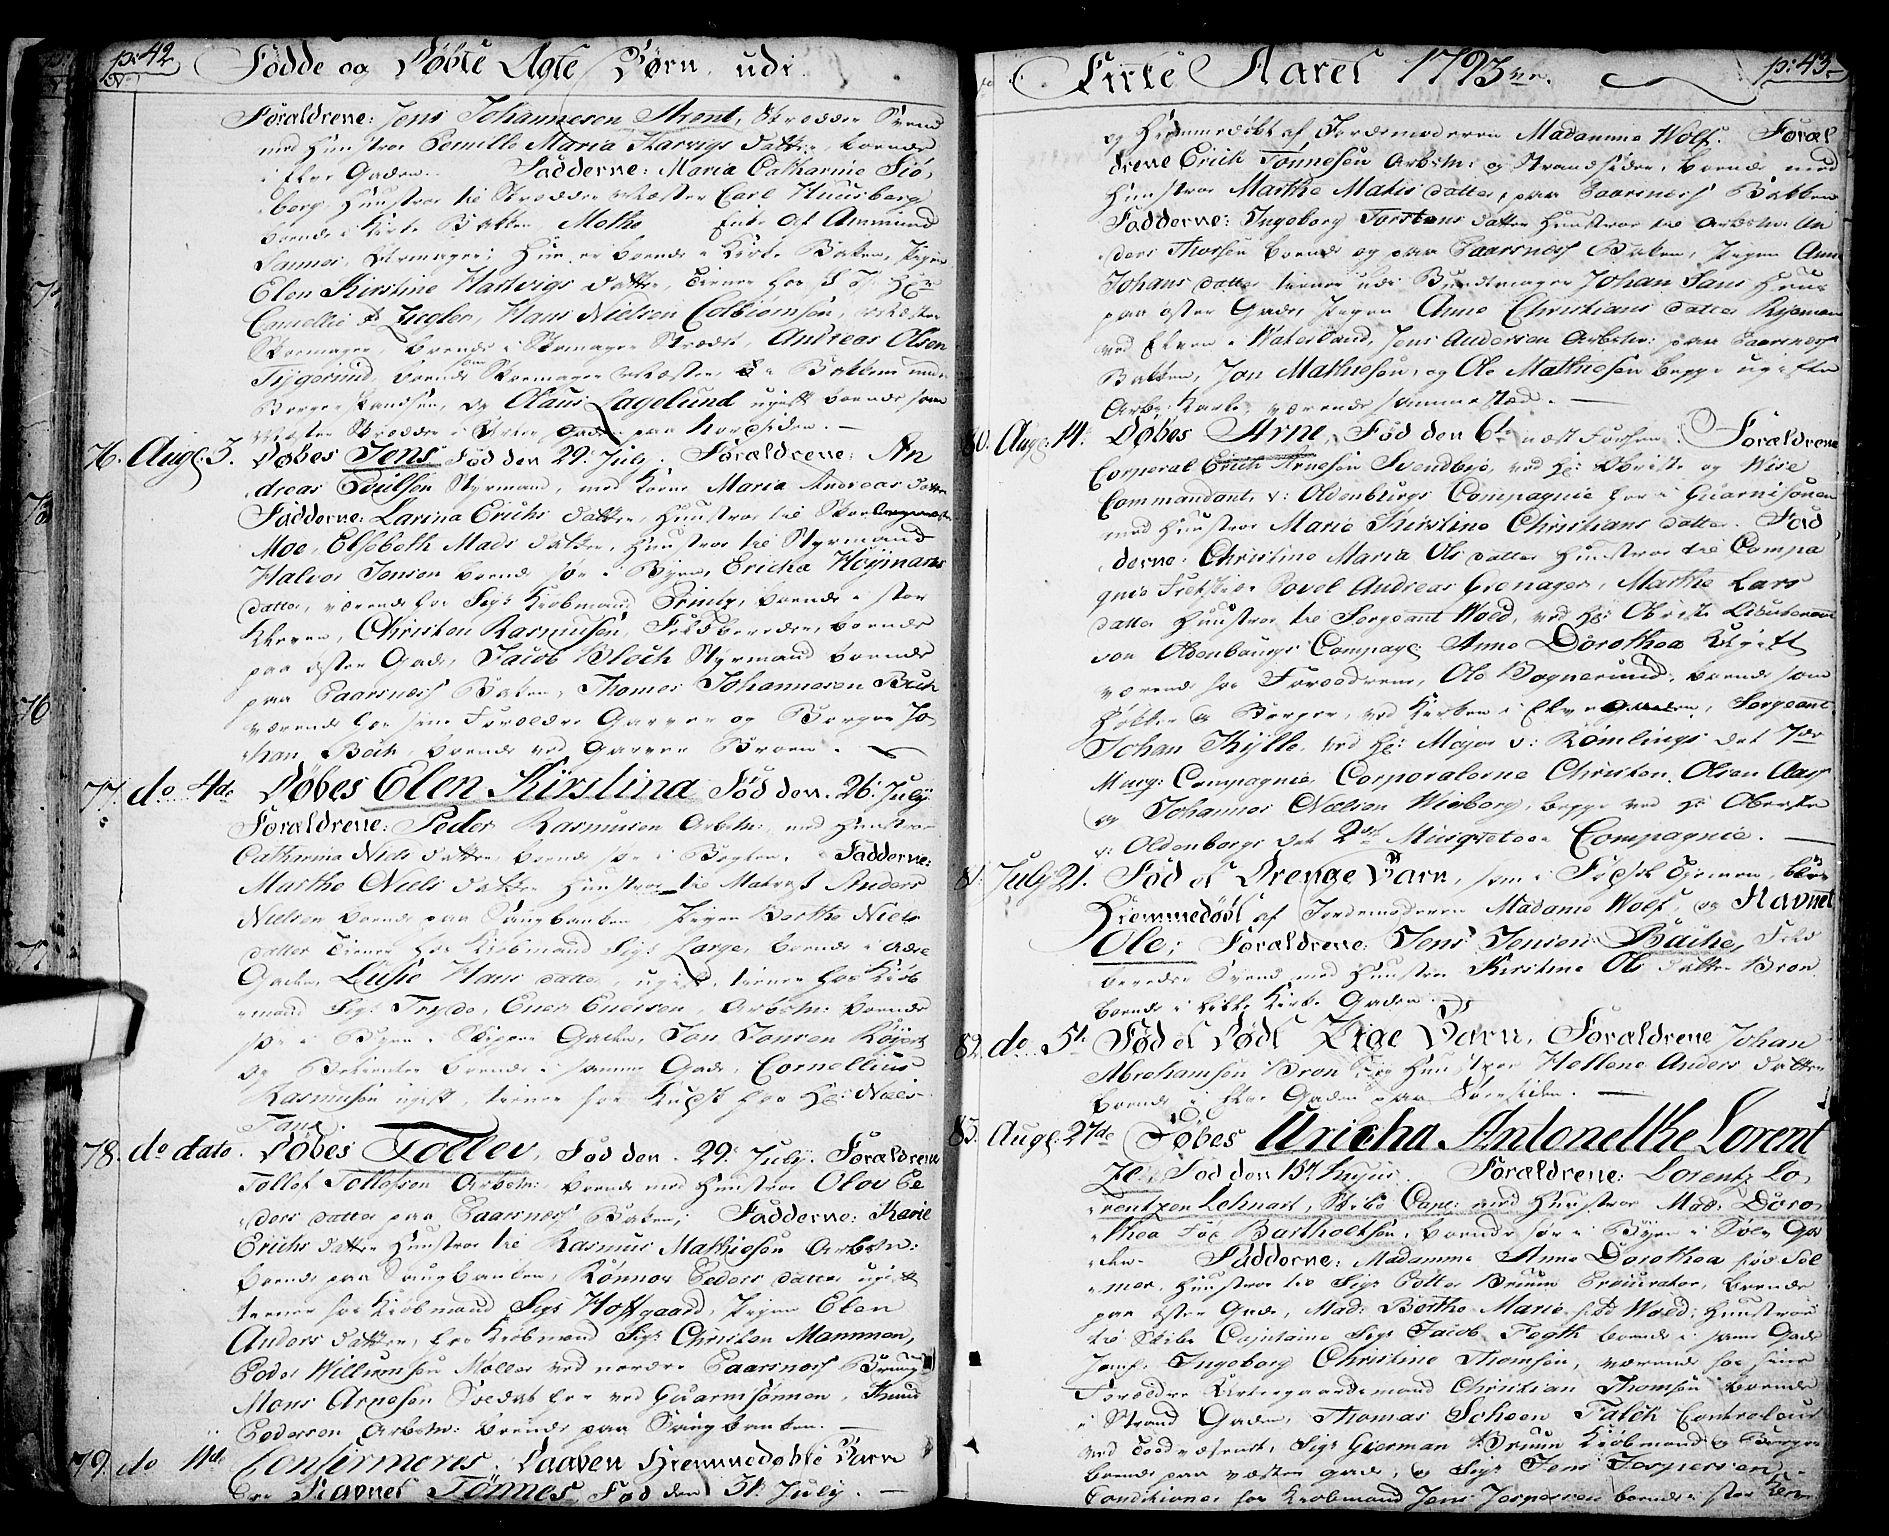 SAO, Halden prestekontor Kirkebøker, F/Fa/L0002: Ministerialbok nr. I 2, 1792-1812, s. 42-43